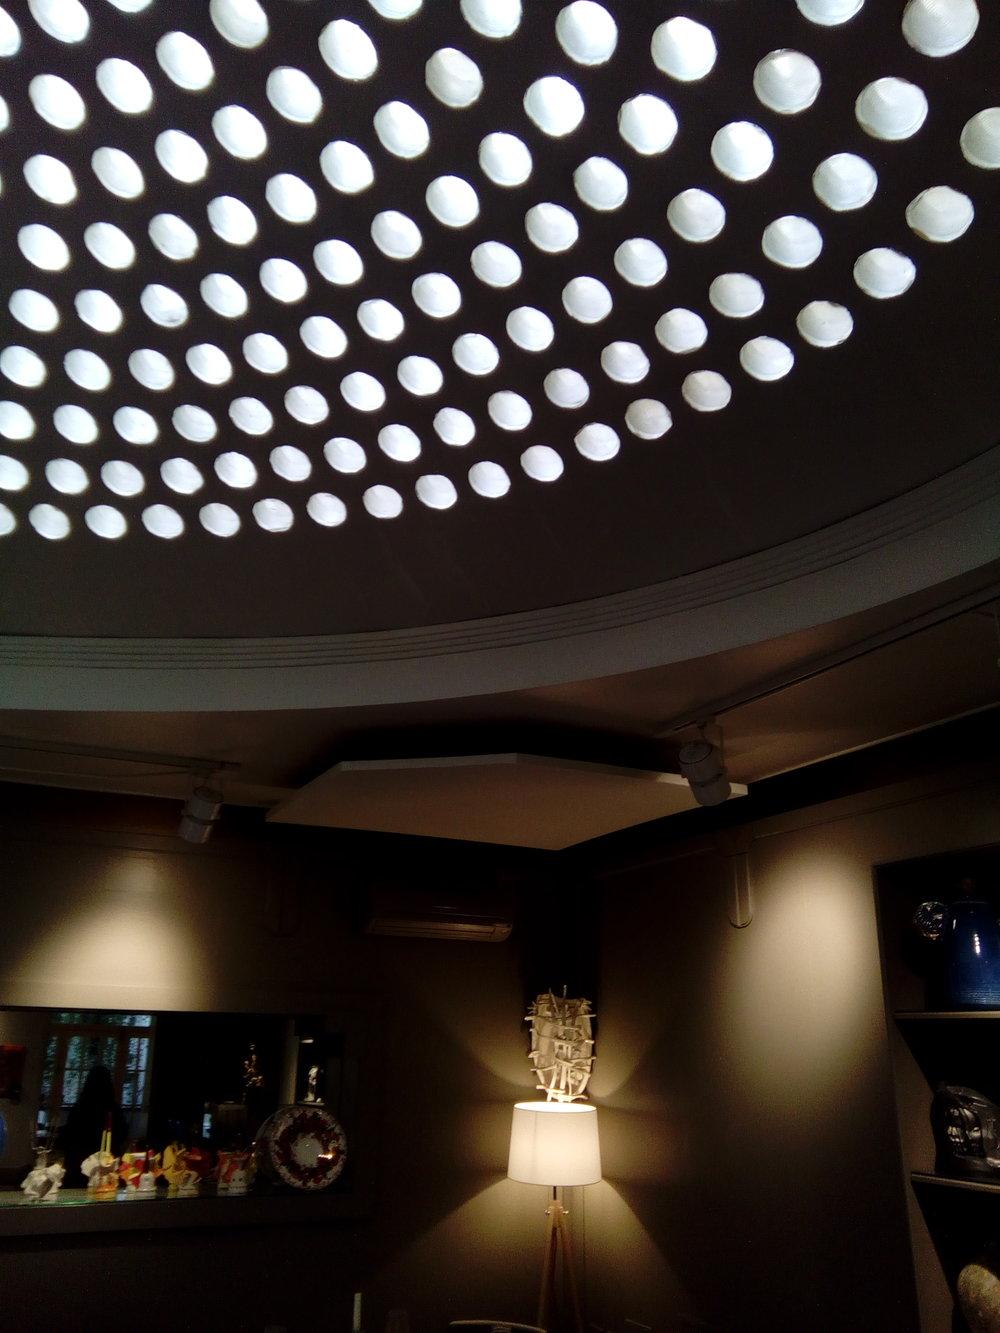 ceiling design 2.jpg